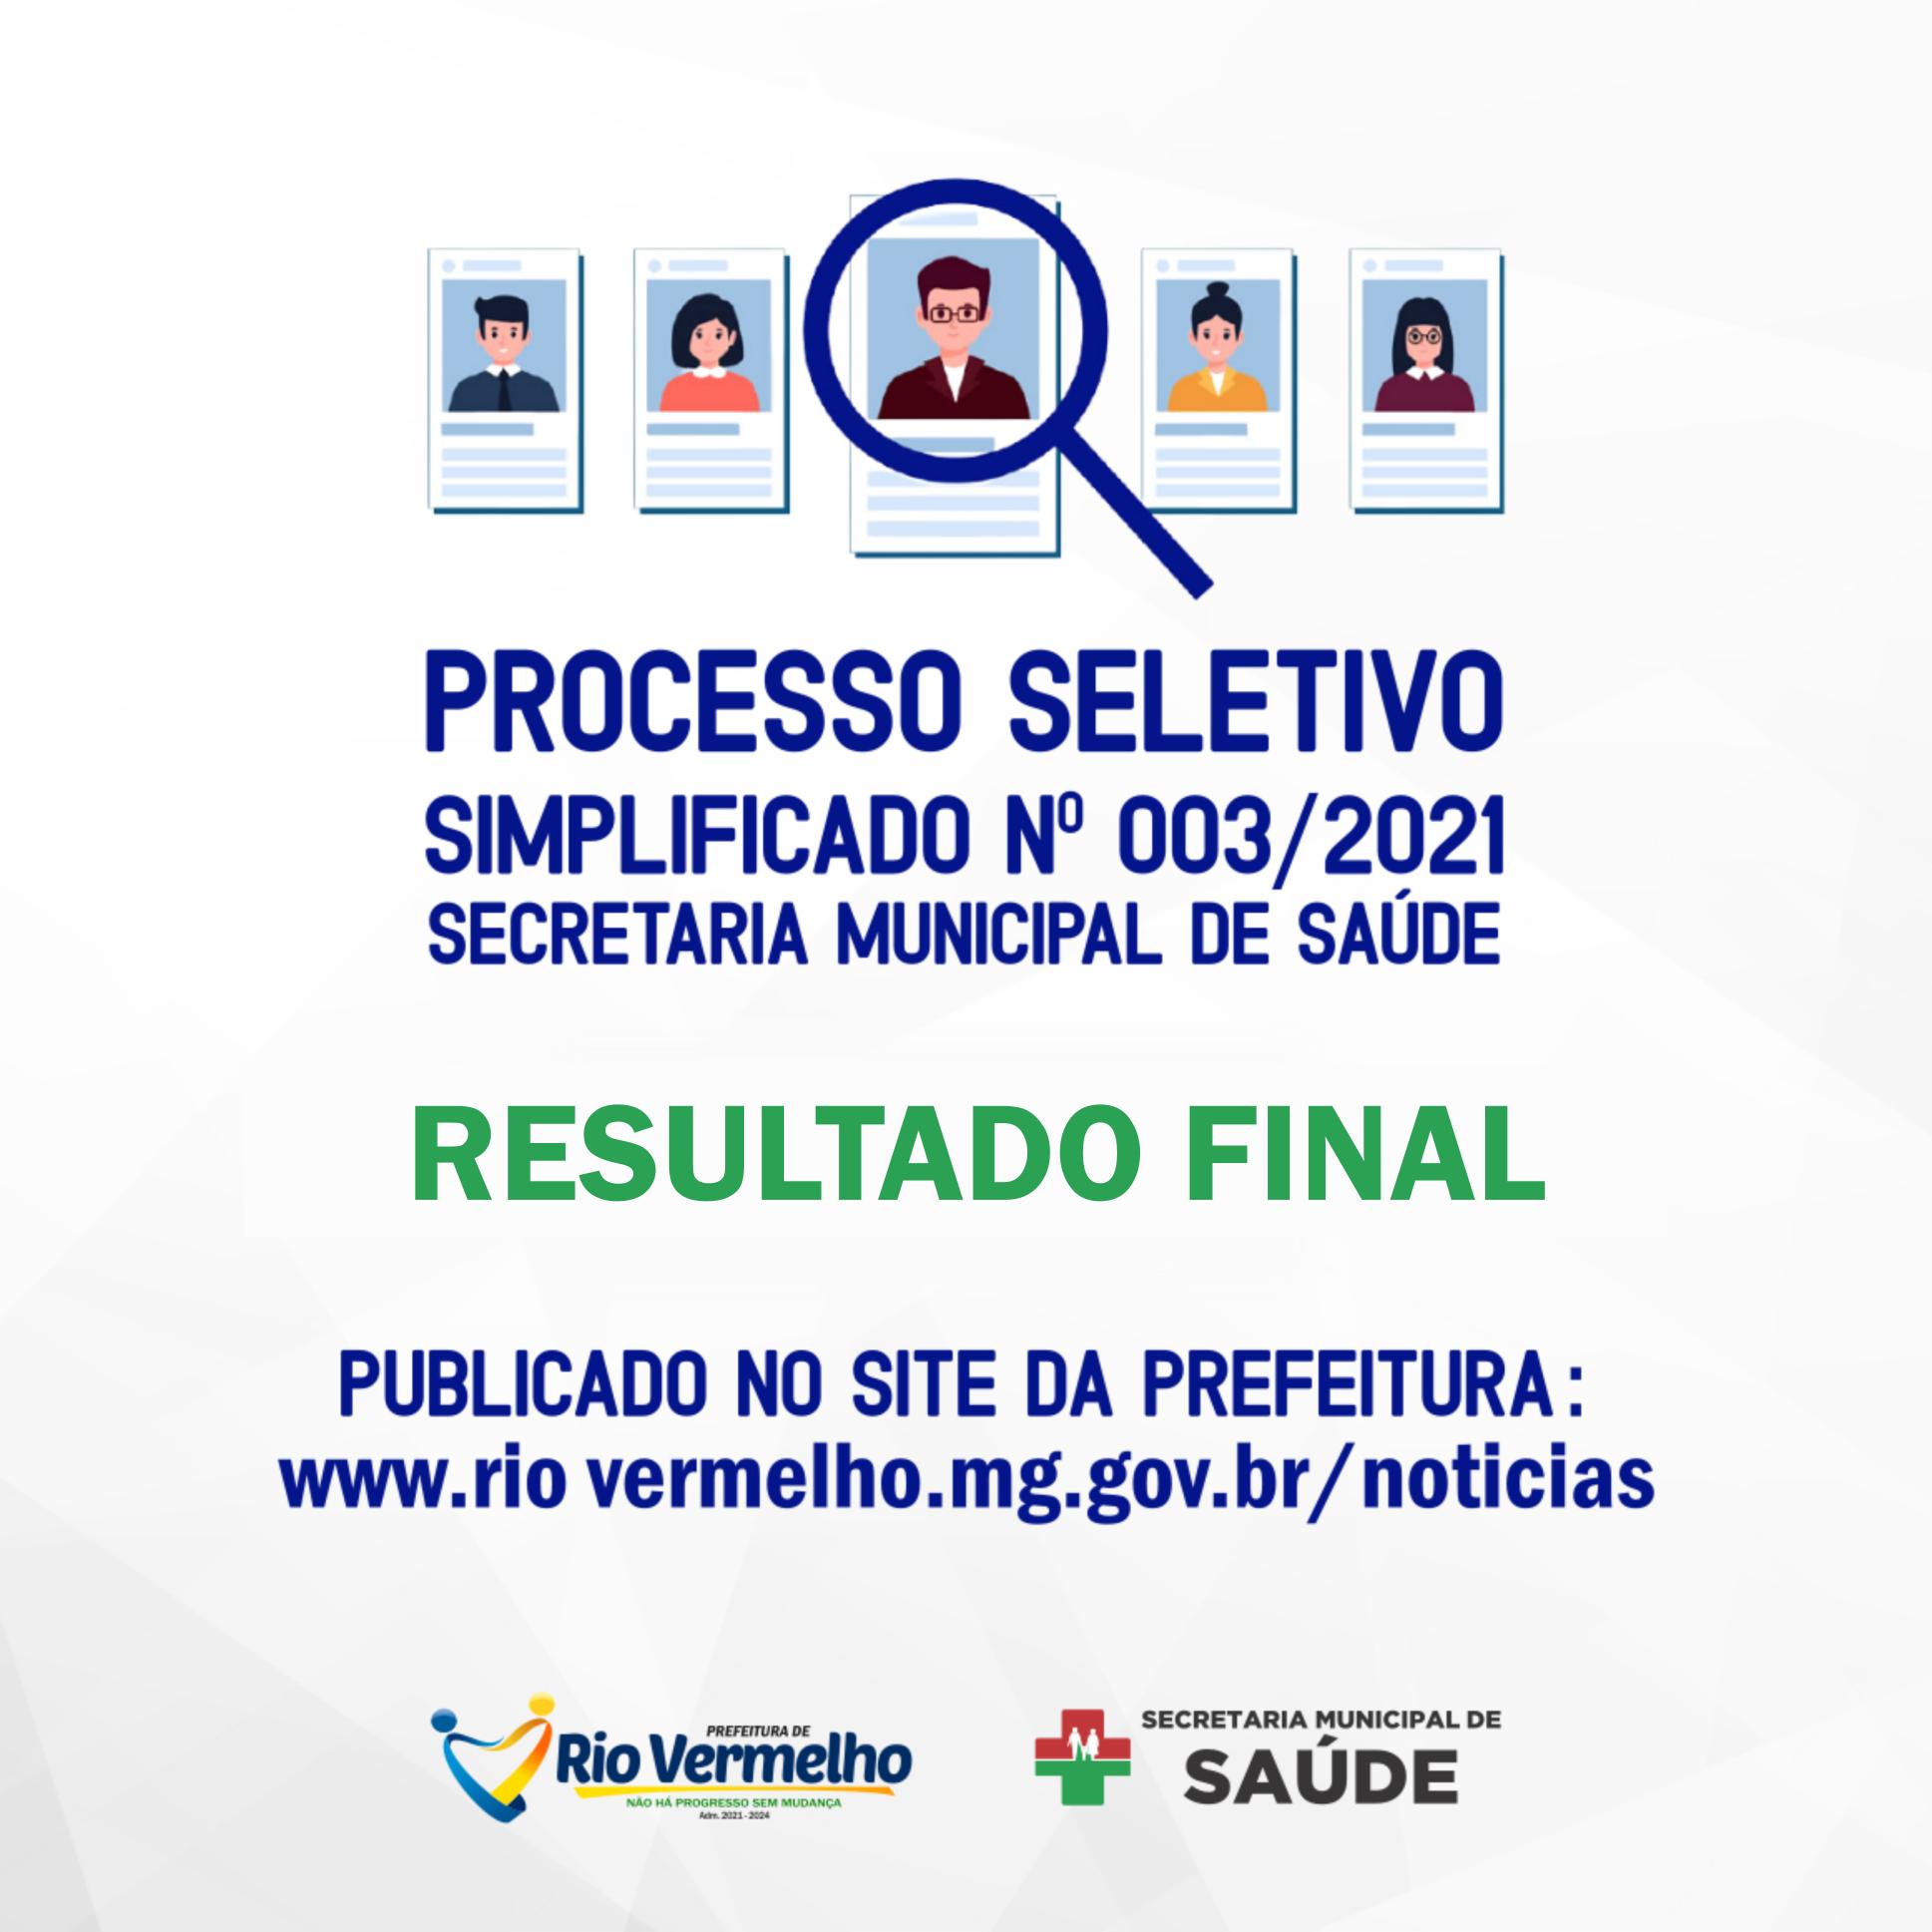 RESULTADO FINAL DO PROCESSO SELETIVO SIMPLIFICADO Nº 003/2021 – SECRETARIA MUNICIPAL DE SAÚDE